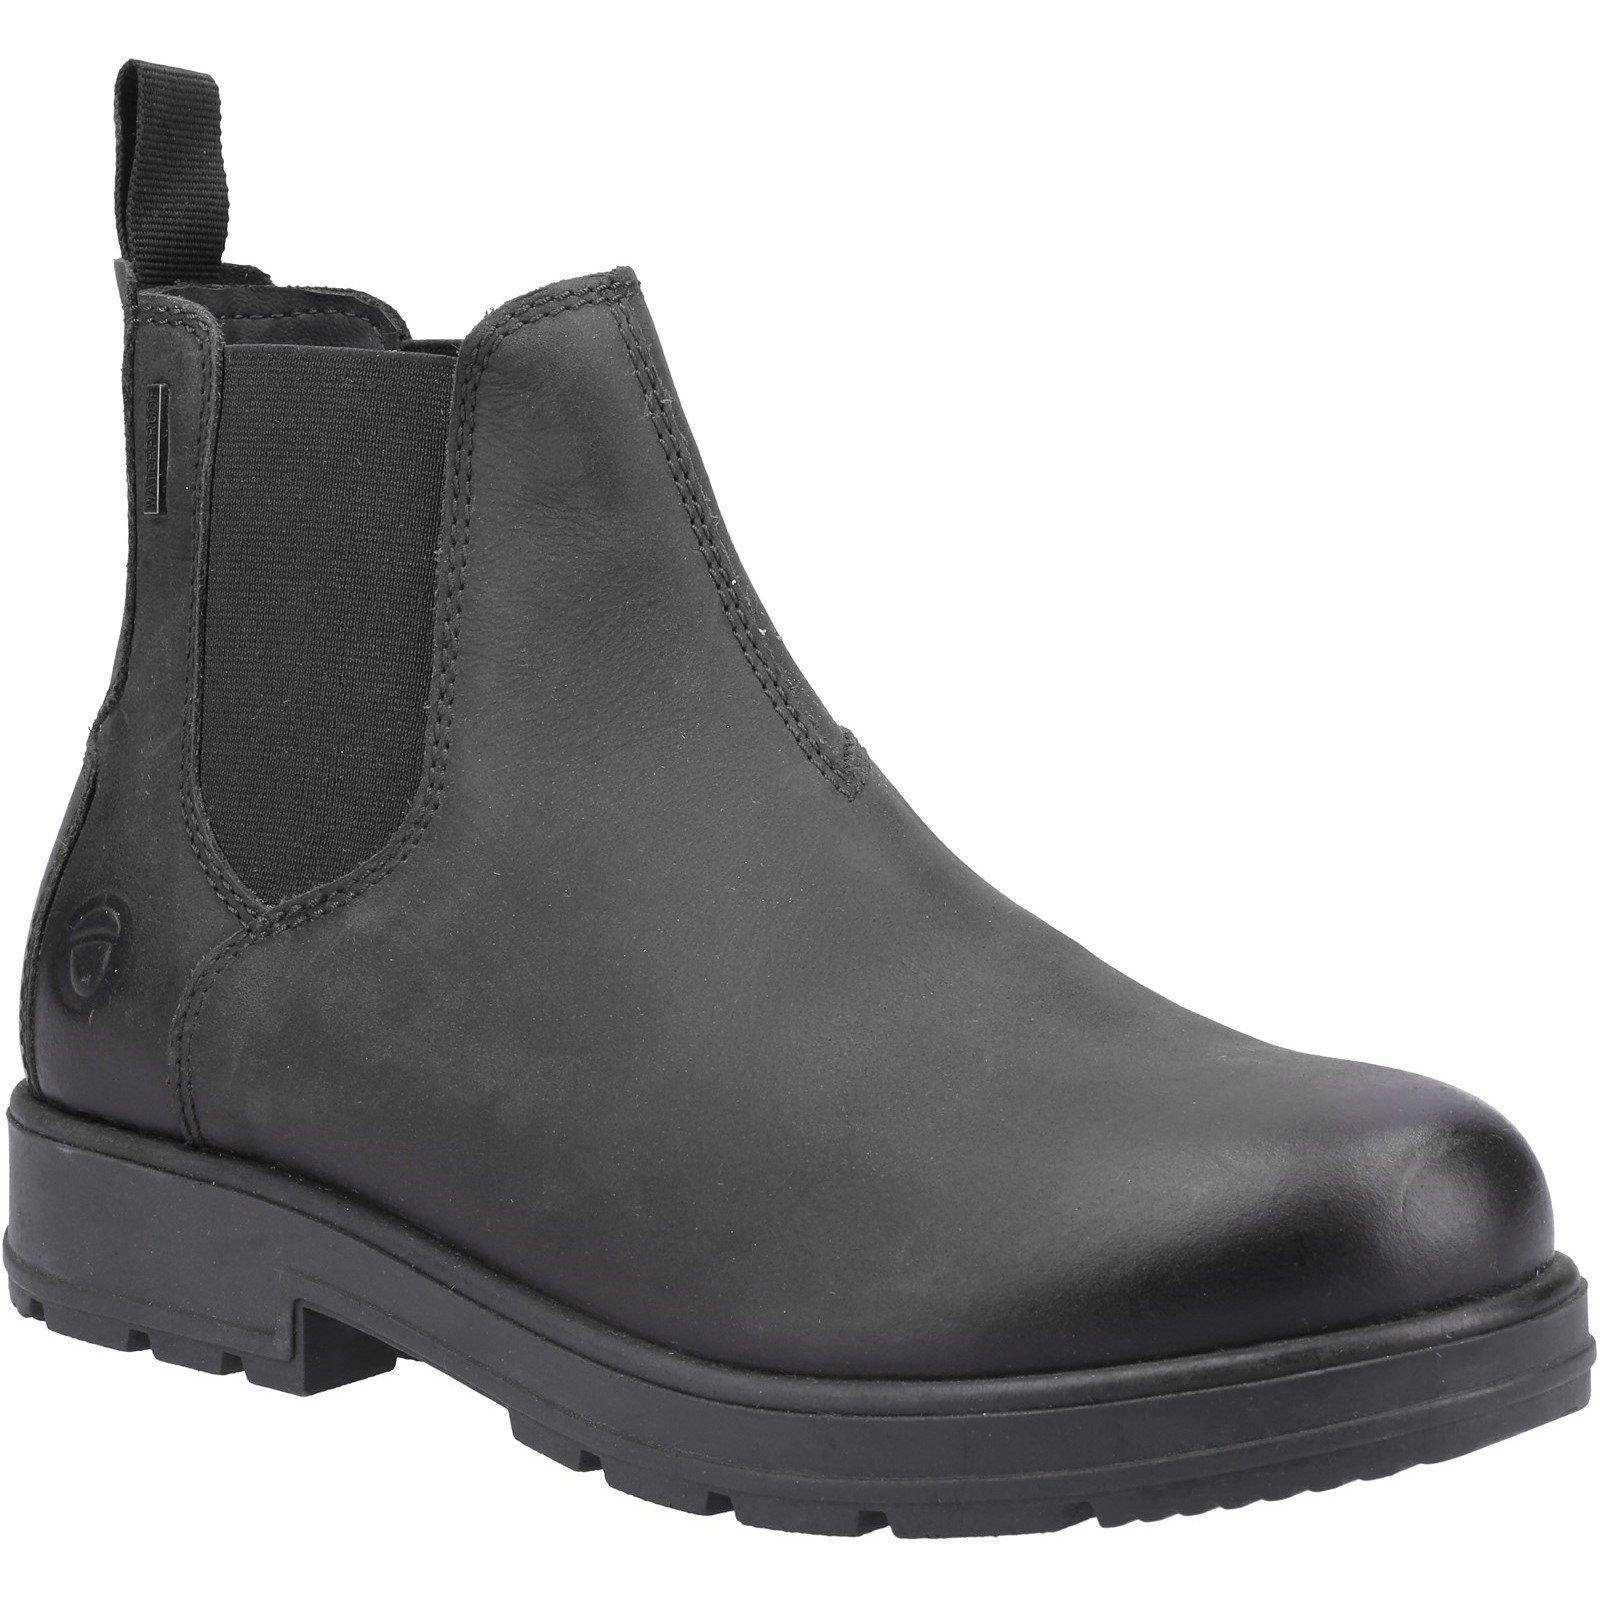 Cotswold Men's Farmington Boot Various Colours 32965 - Black 9